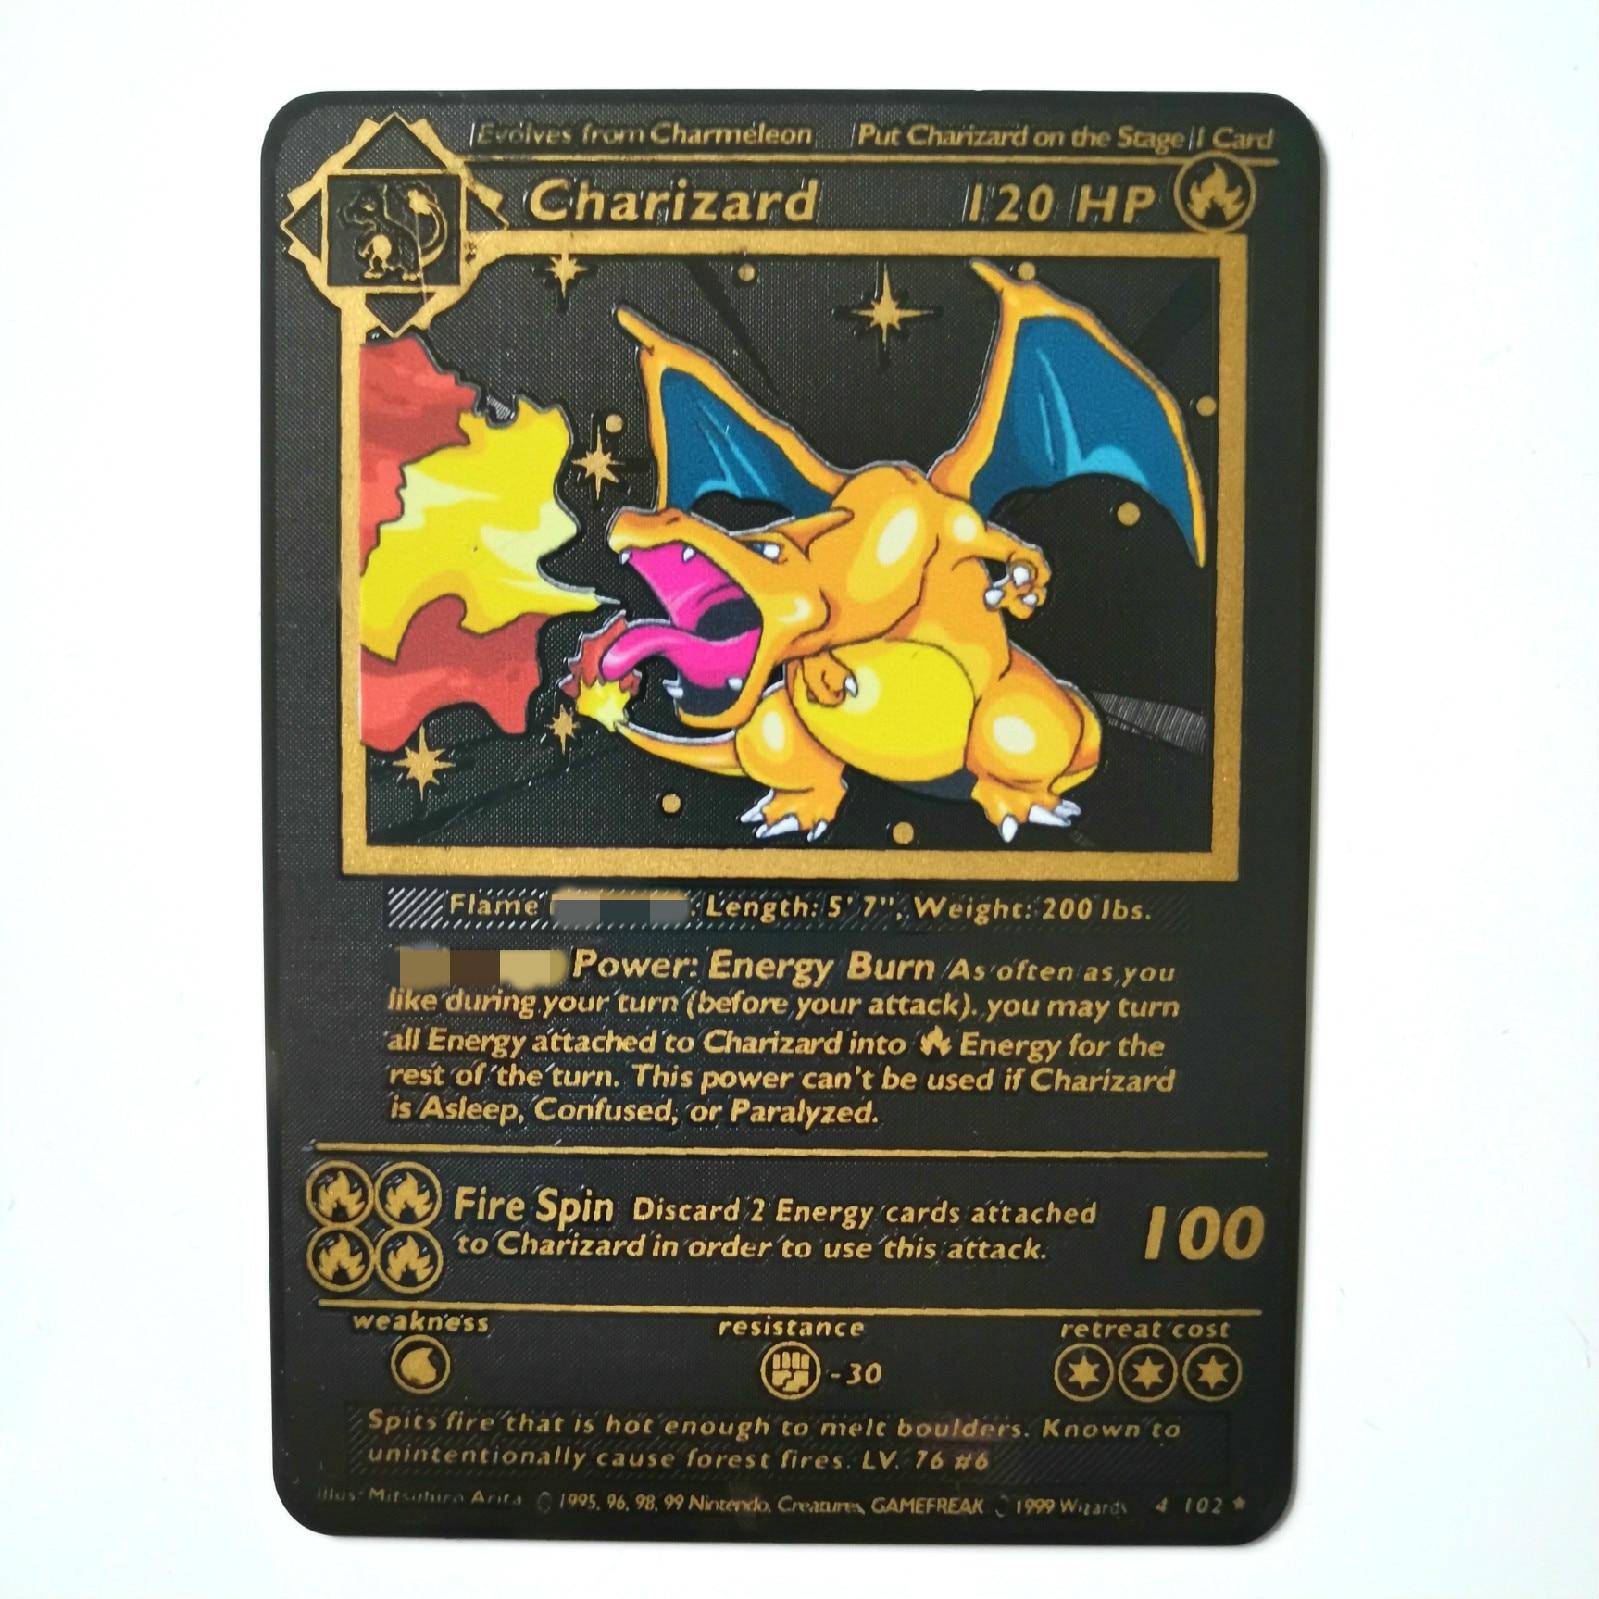 Dragon Ball золотая металлическая карточка супер игра Коллекция аниме-открытки игра детская игрушка - Цвет: Black